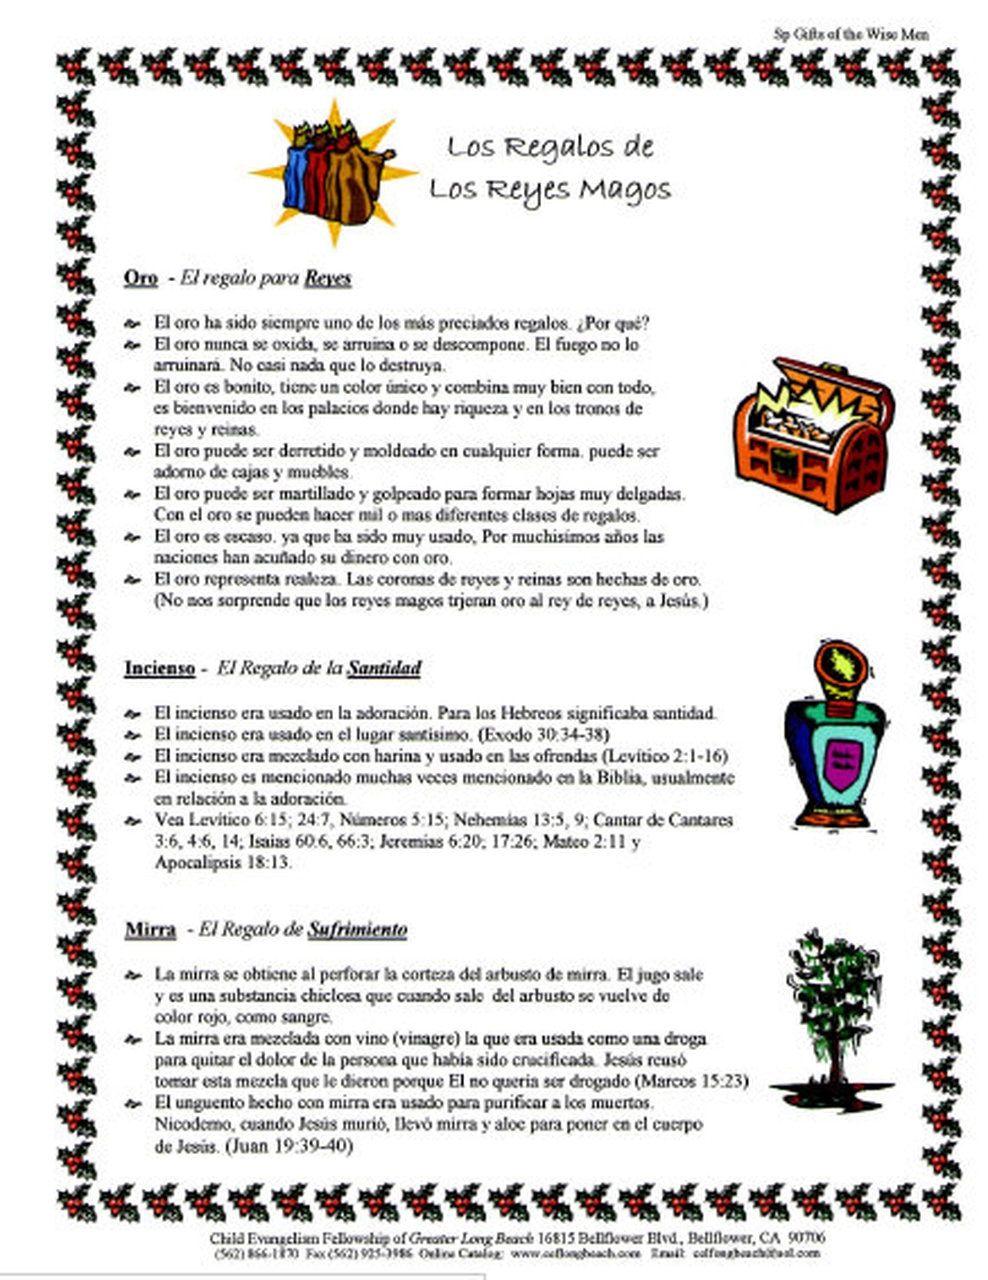 Los Regalos De Los Reyes Magos Gifts Of The Wisemen Los Reyes Magos Christmas Decorations Reyes Magos